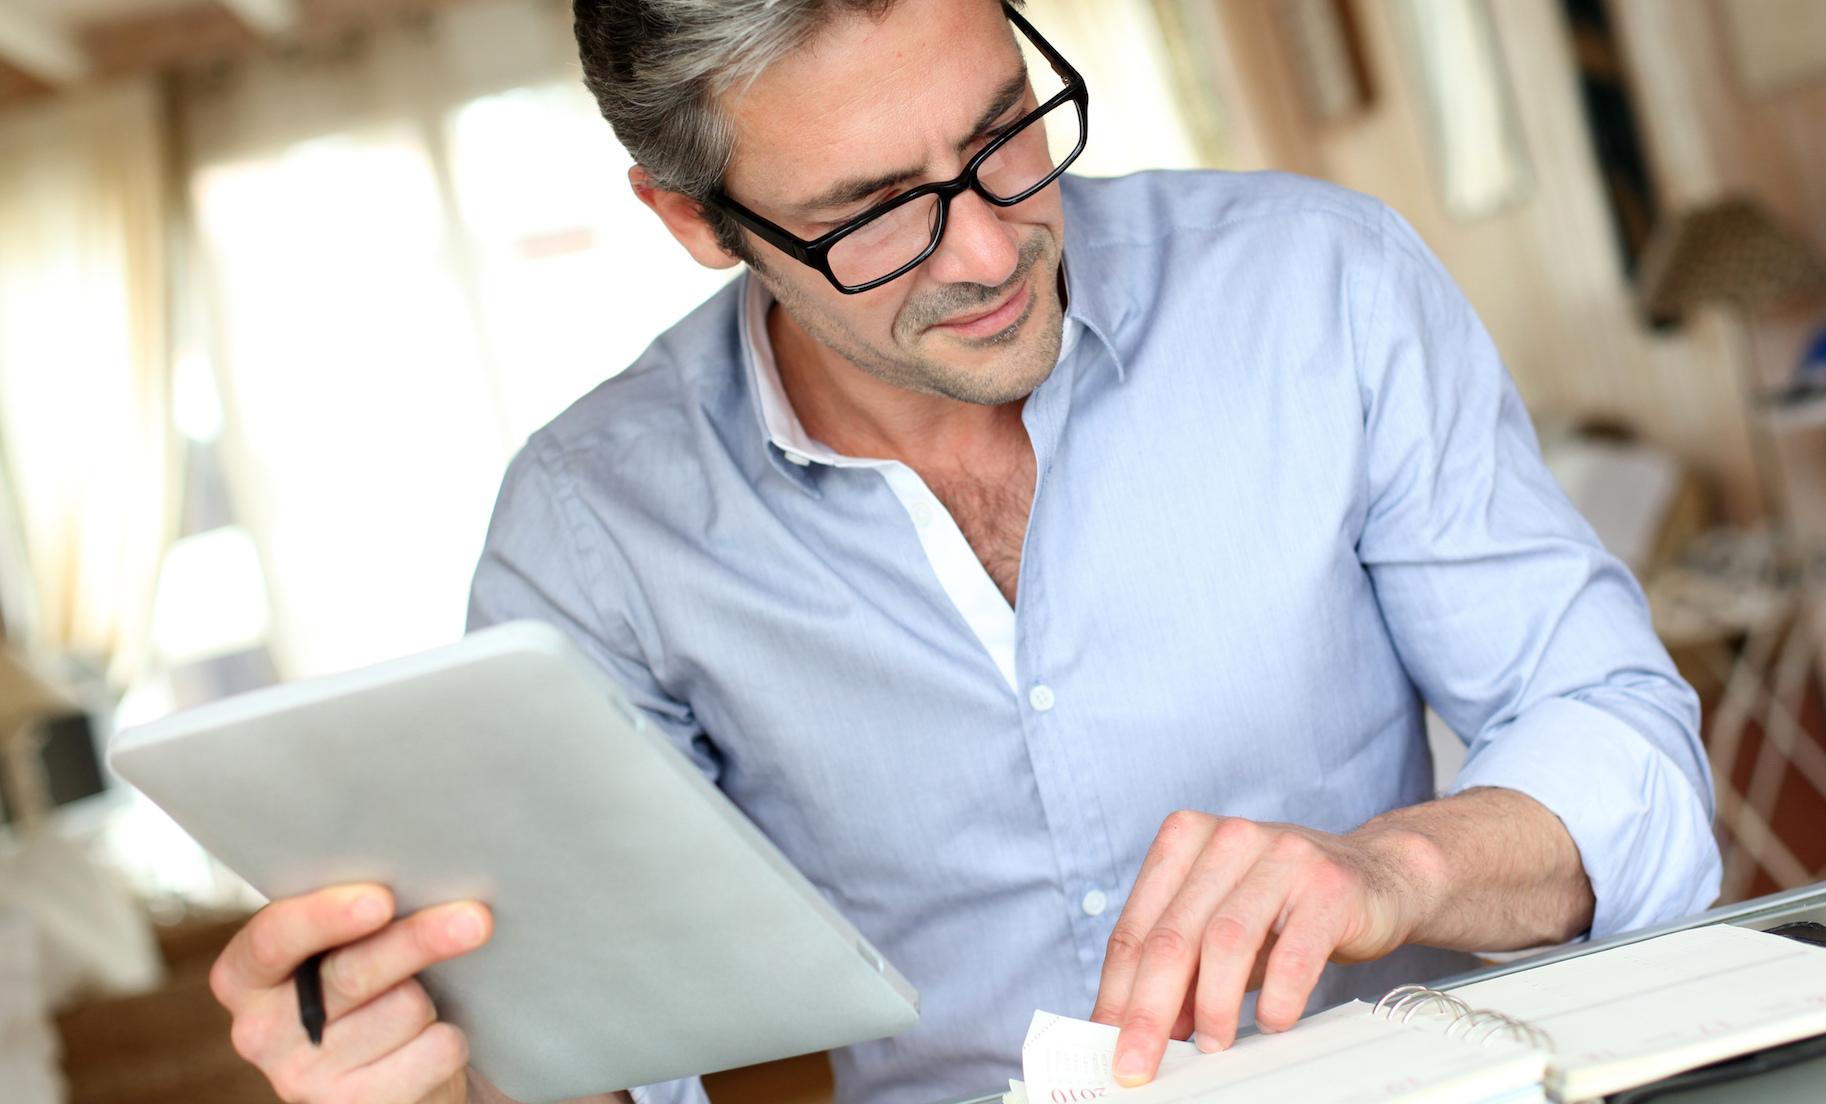 Indépendants: réduction du temps de réponse pour les demandes de dispense des cotisations sociales